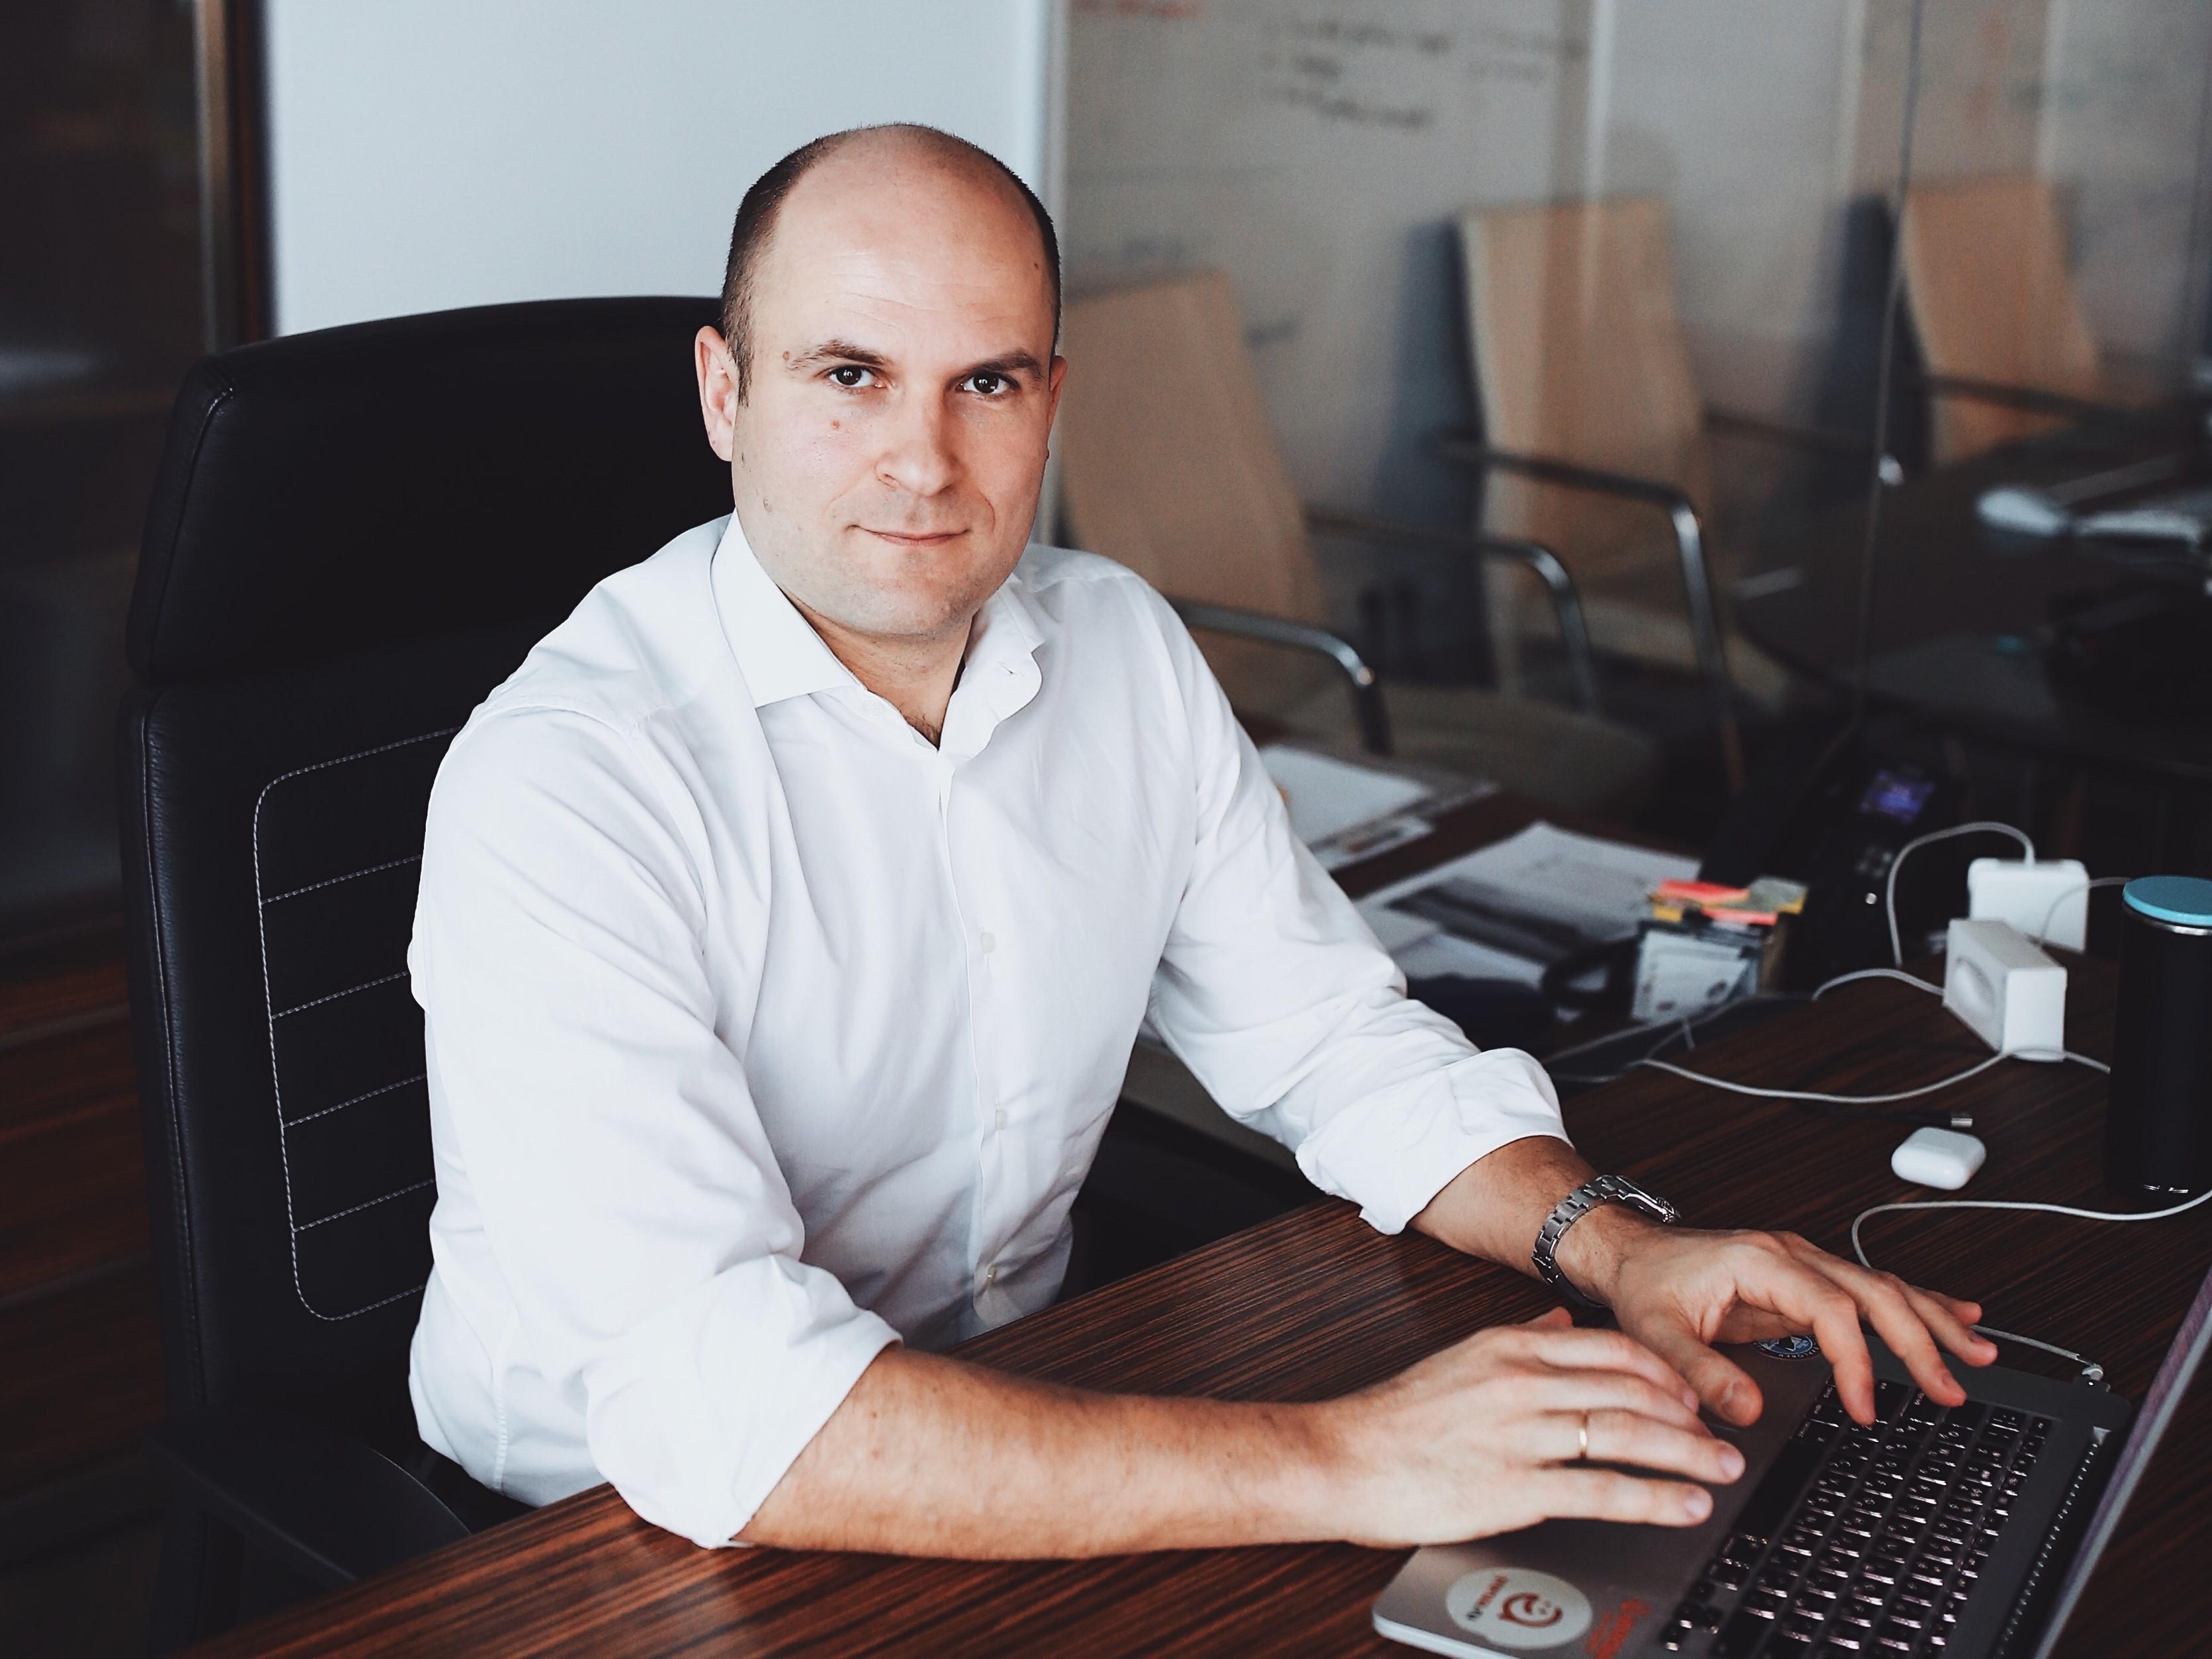 Олег Сеньков, генеральный директор компании Arenza